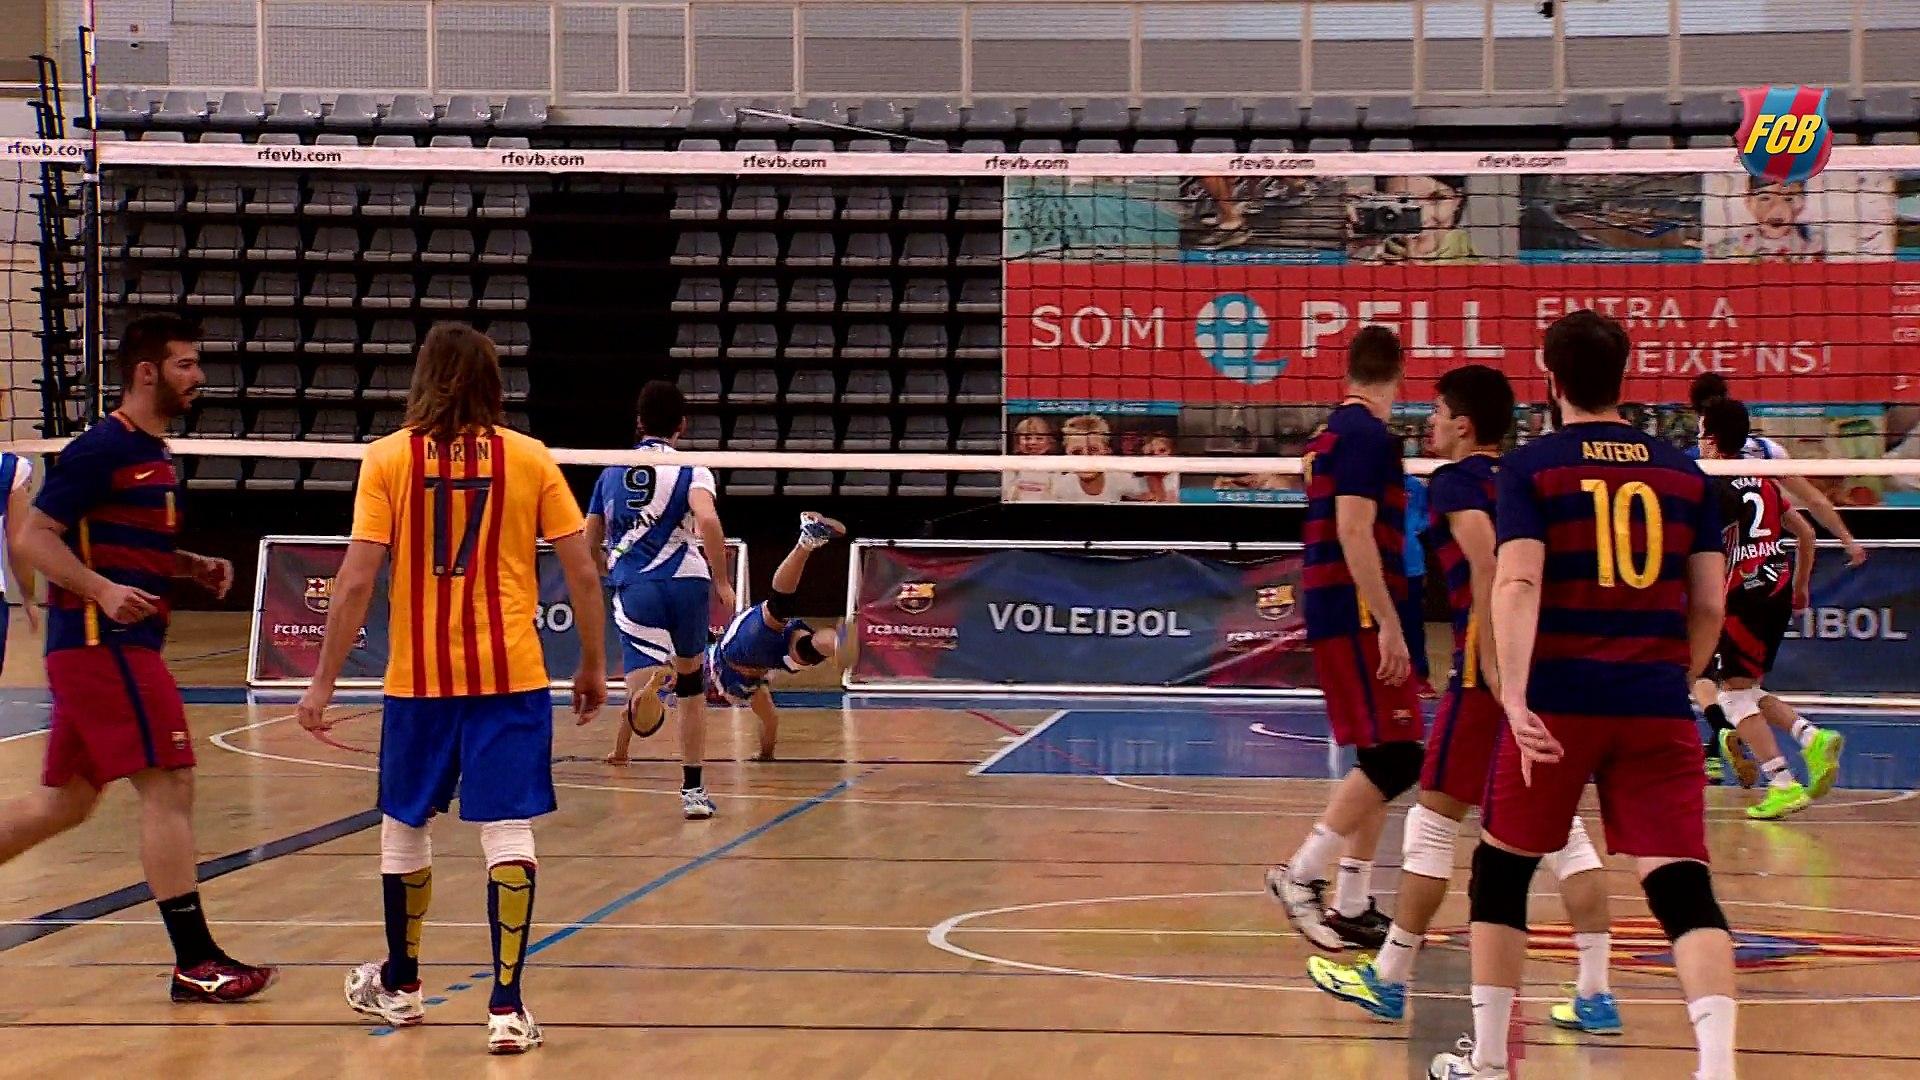 La sección de voleibol del FC Barcelona consigue el ascenso a la Súperliga